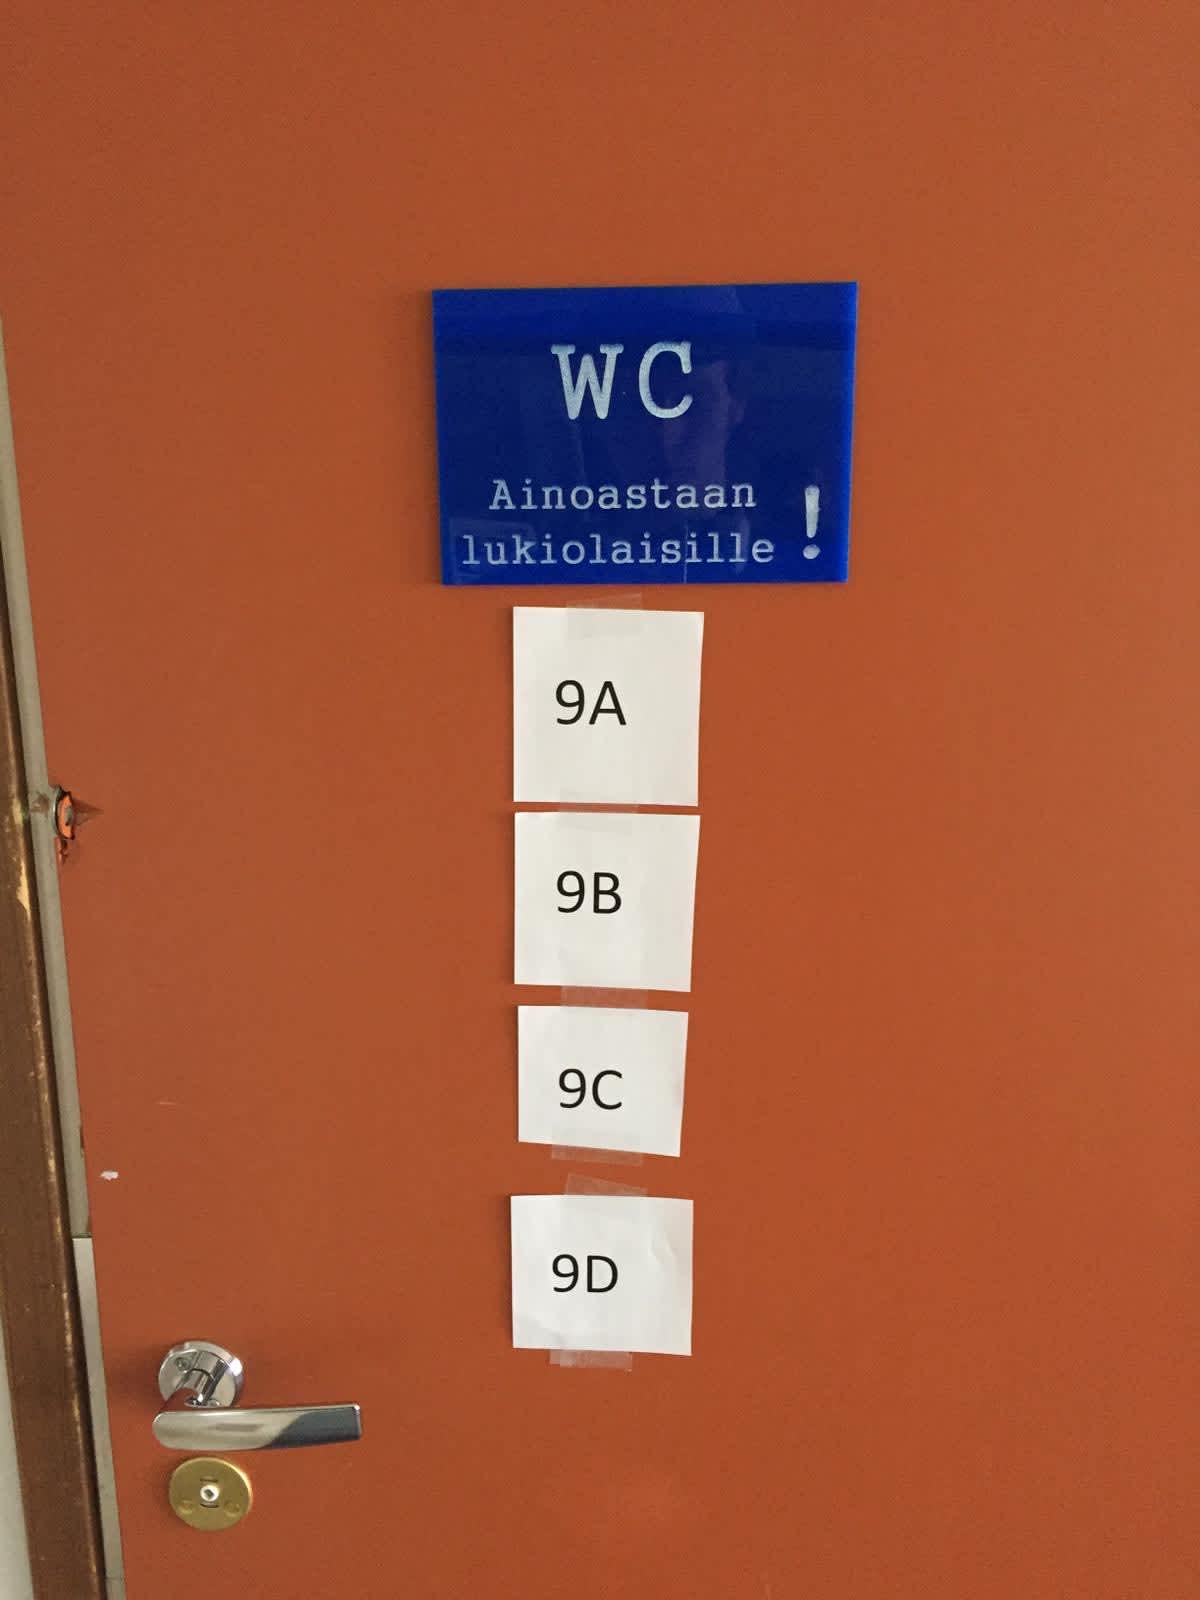 korona-aikojen wc-tilat koululla